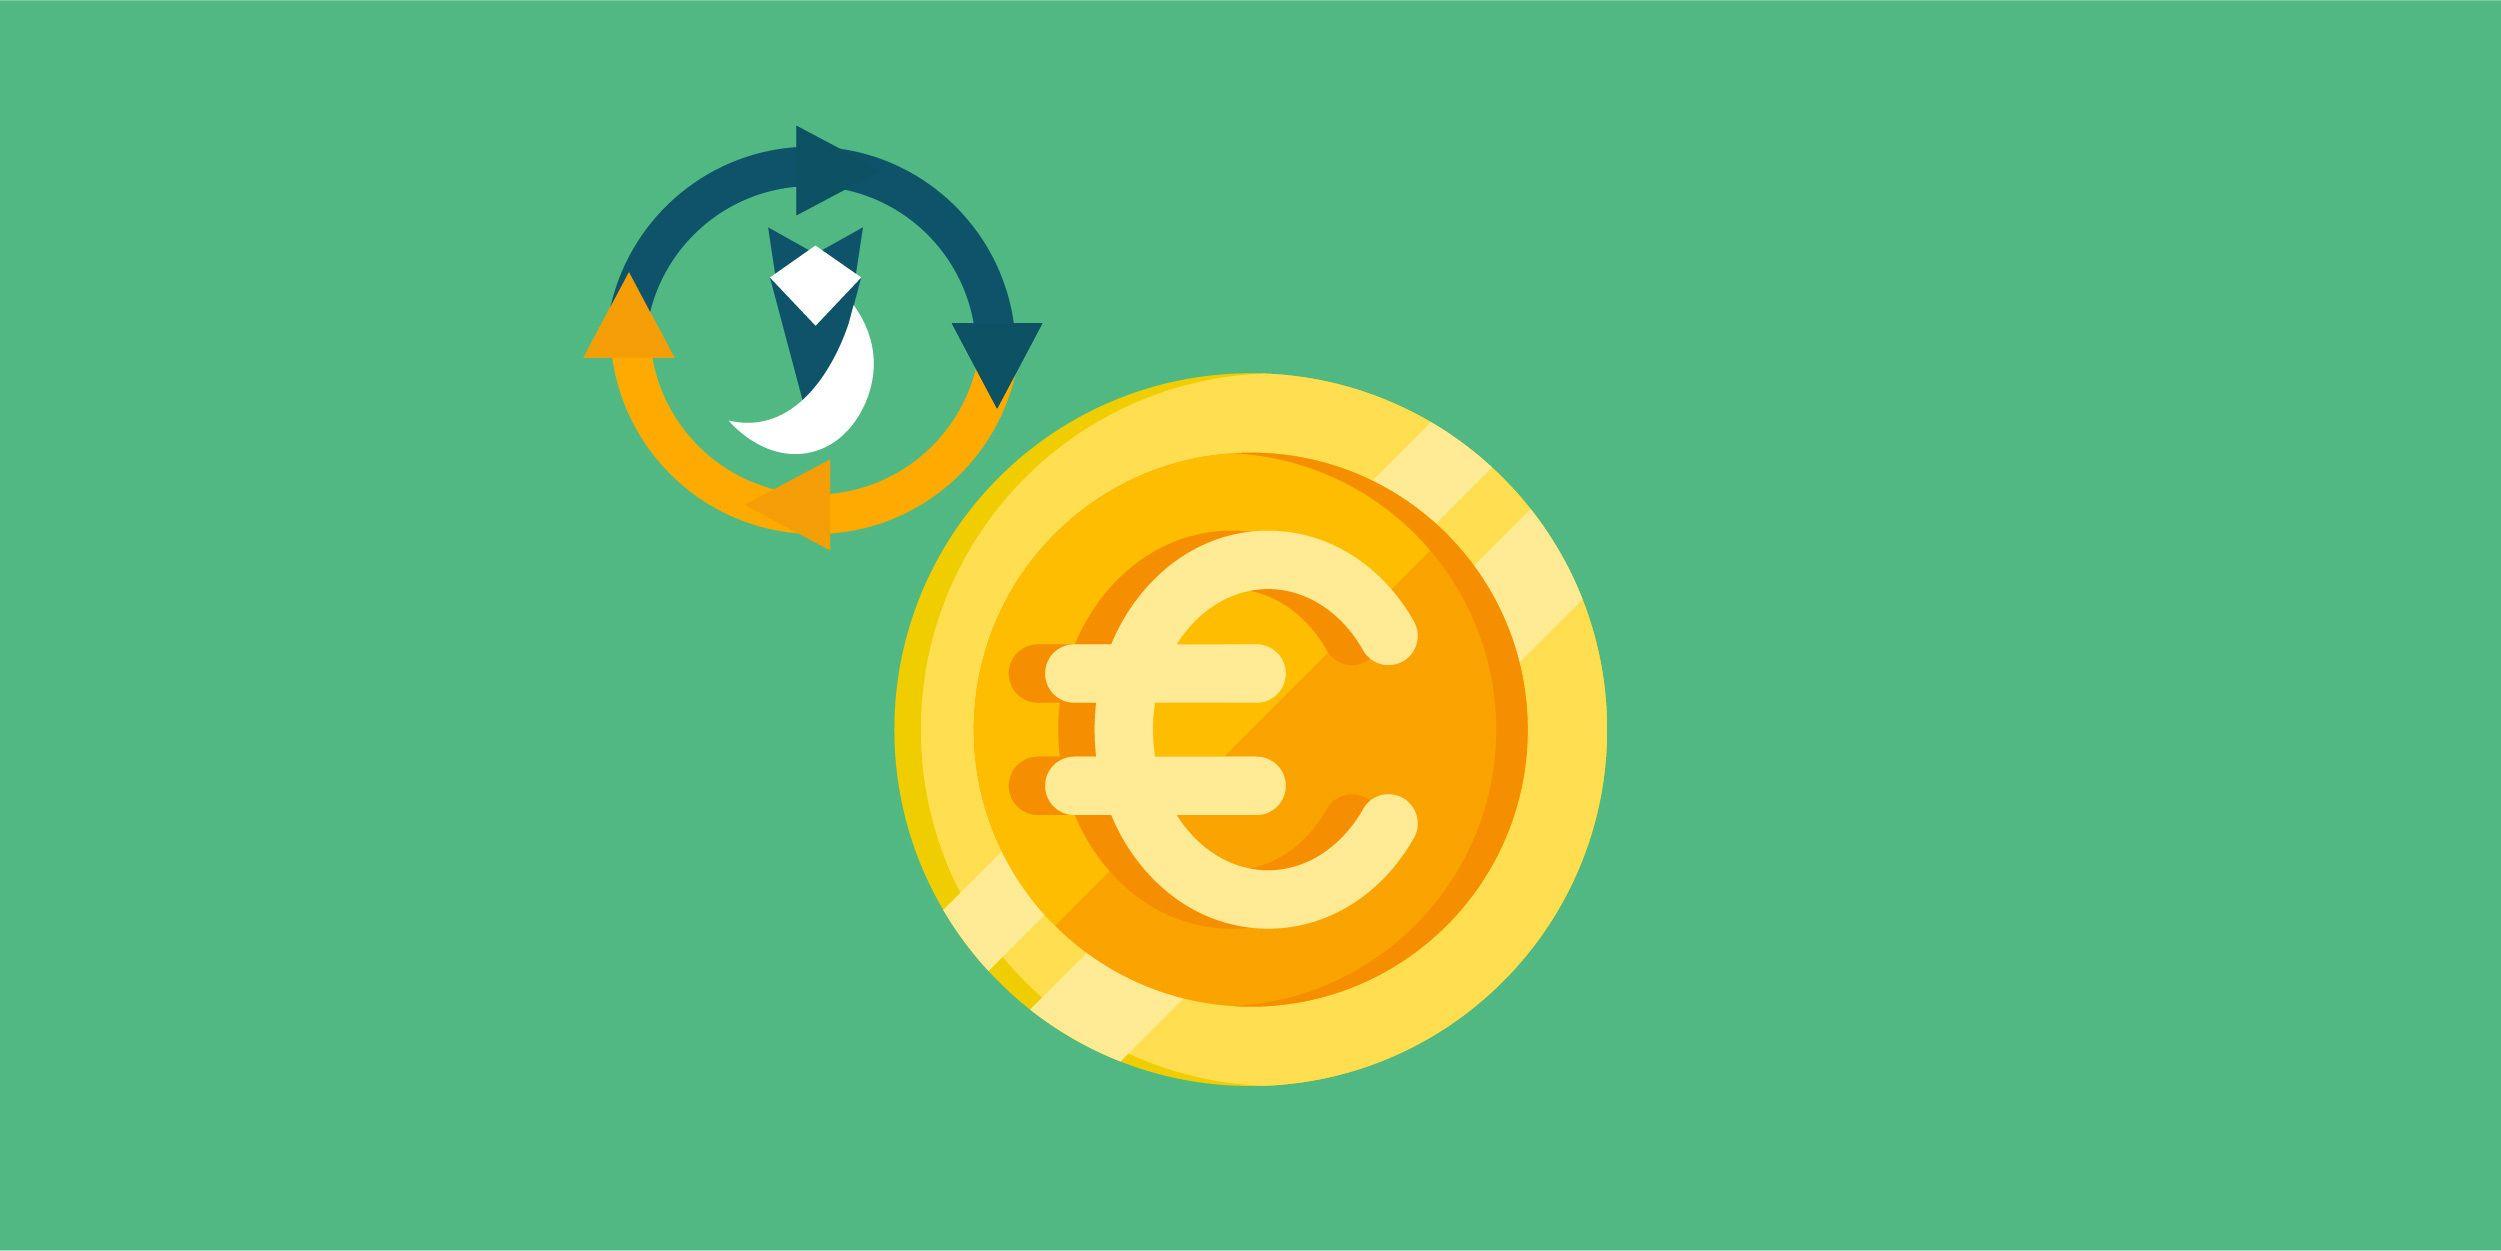 سعر اليورو في البنوك المصرية اليوم 6 يونيو 2021